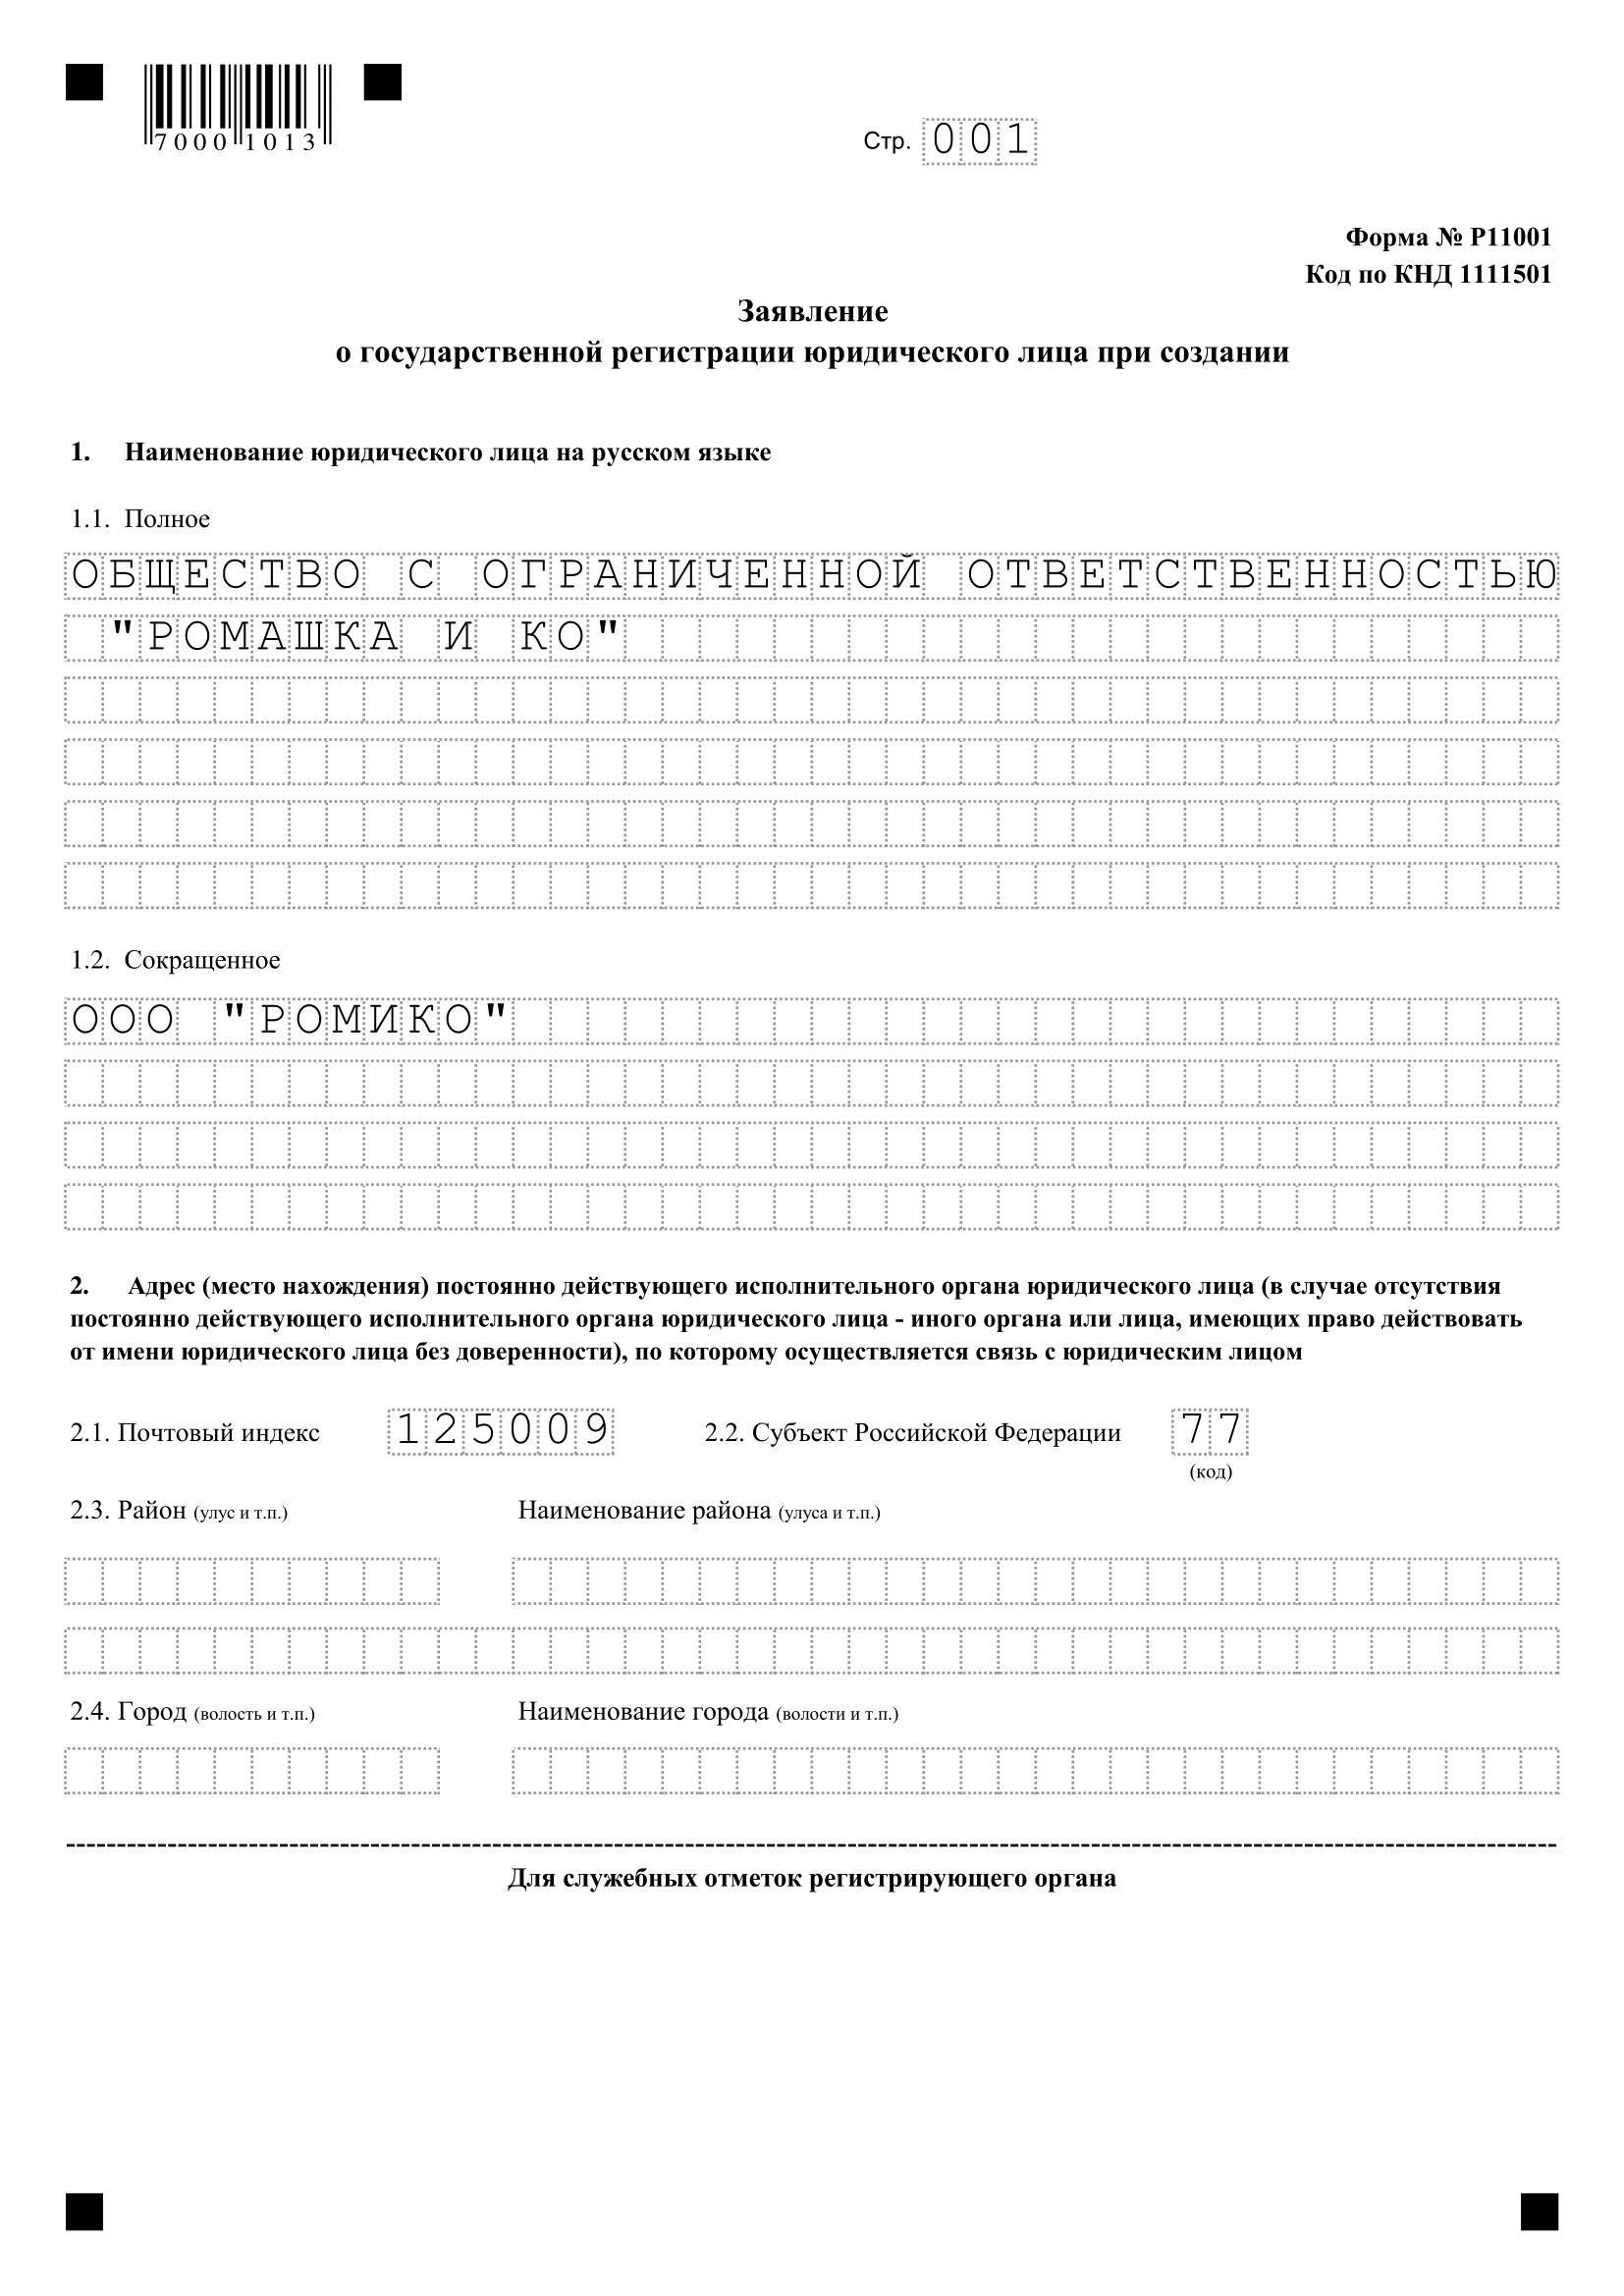 Образец заявления регистрации ооо на трех учредителей регистрация ип по адресу аренды